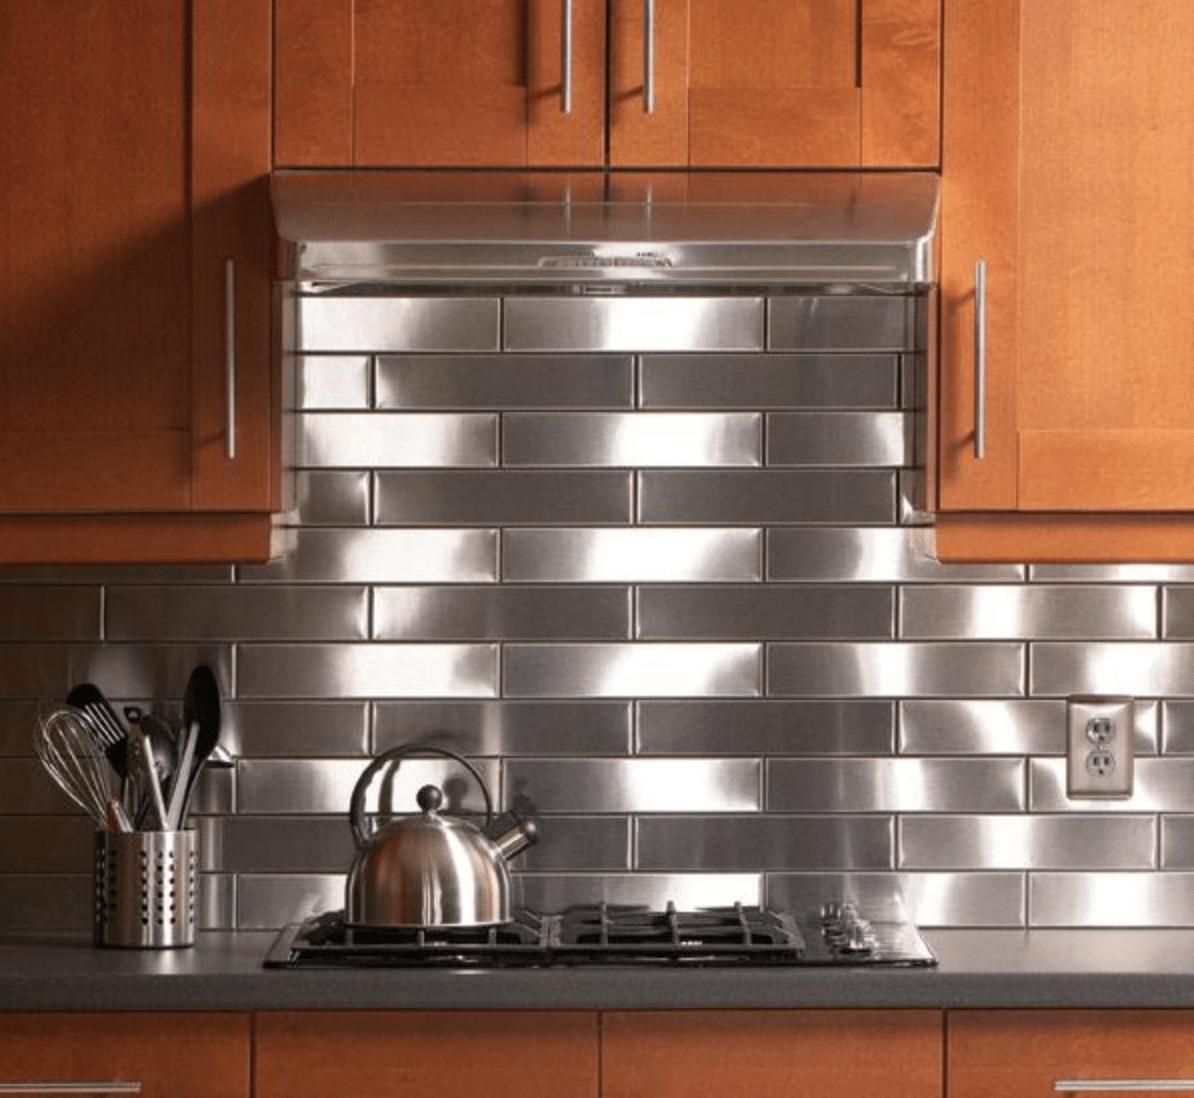 Kitchen No Backsplash: Backsplash Materials & Why They Matter?